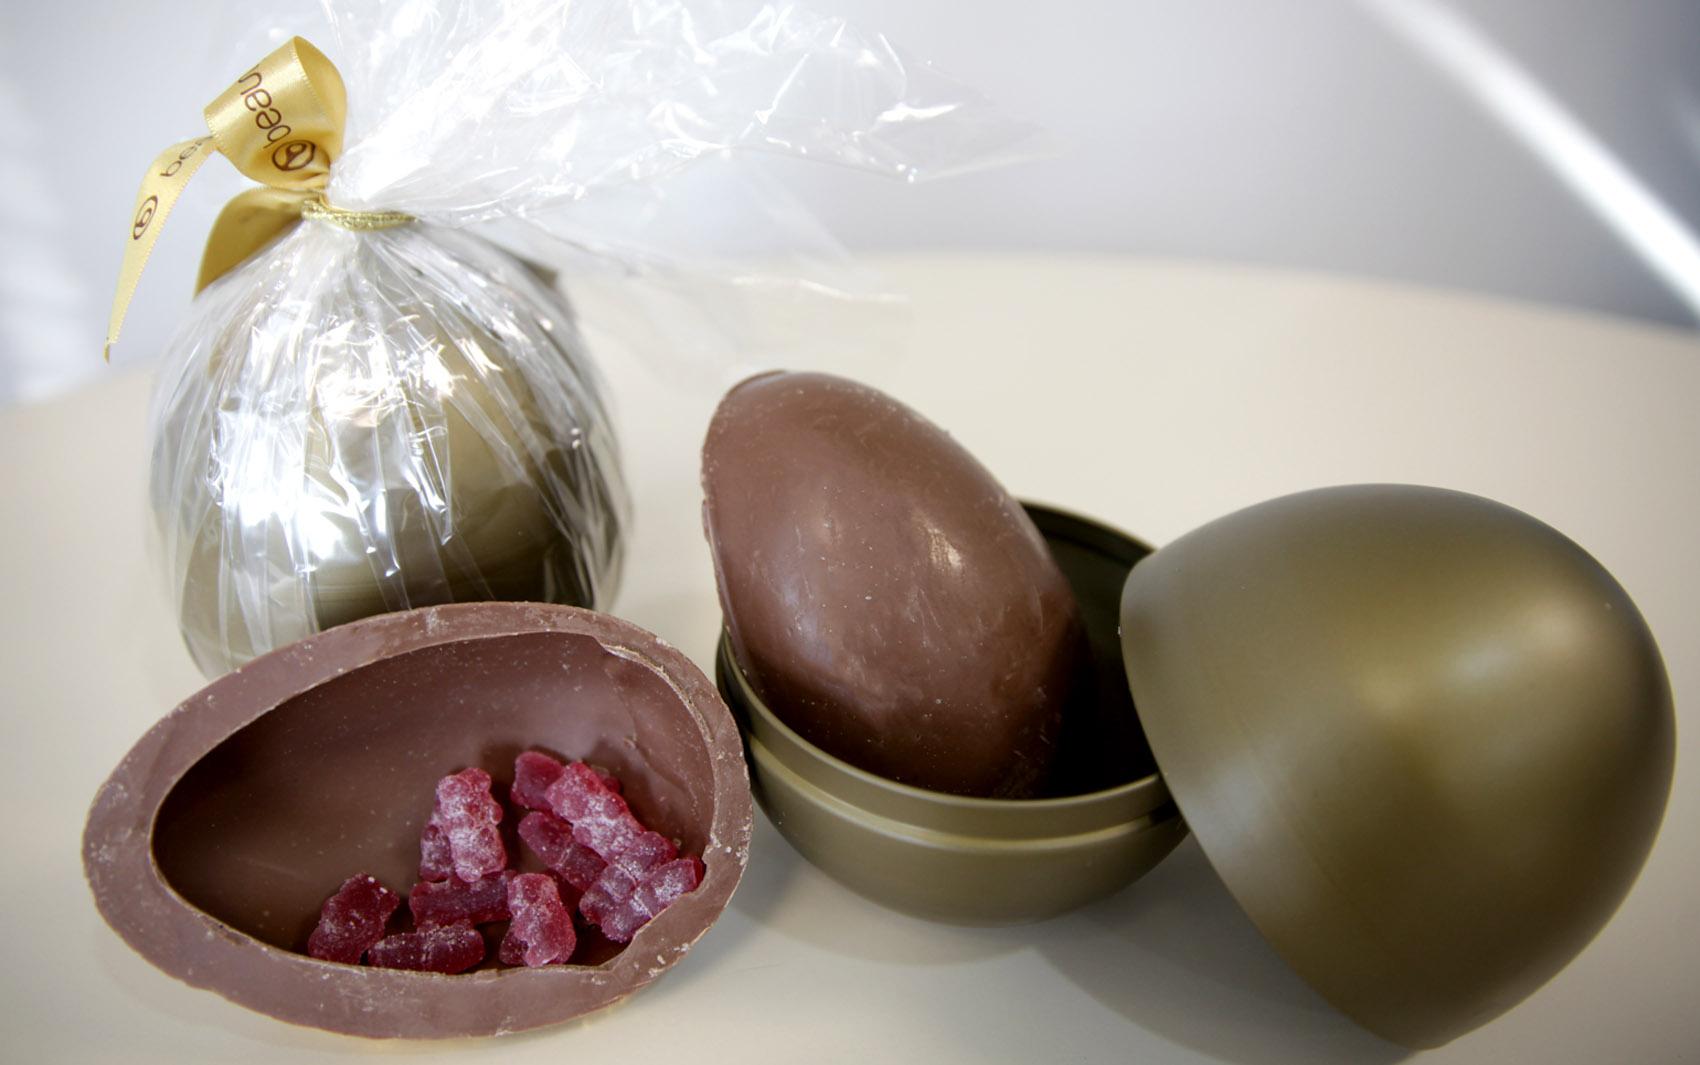 Uma opção para quem não pode consumir chocolates tradicionais é o  Chocobeauty, da Beauty'in.  O ovo de 190 gramas é feito de chocolate com 0% de adição de açúcar, sem glúten, com fibras e colágeno na formulação. Preço: R$ 55